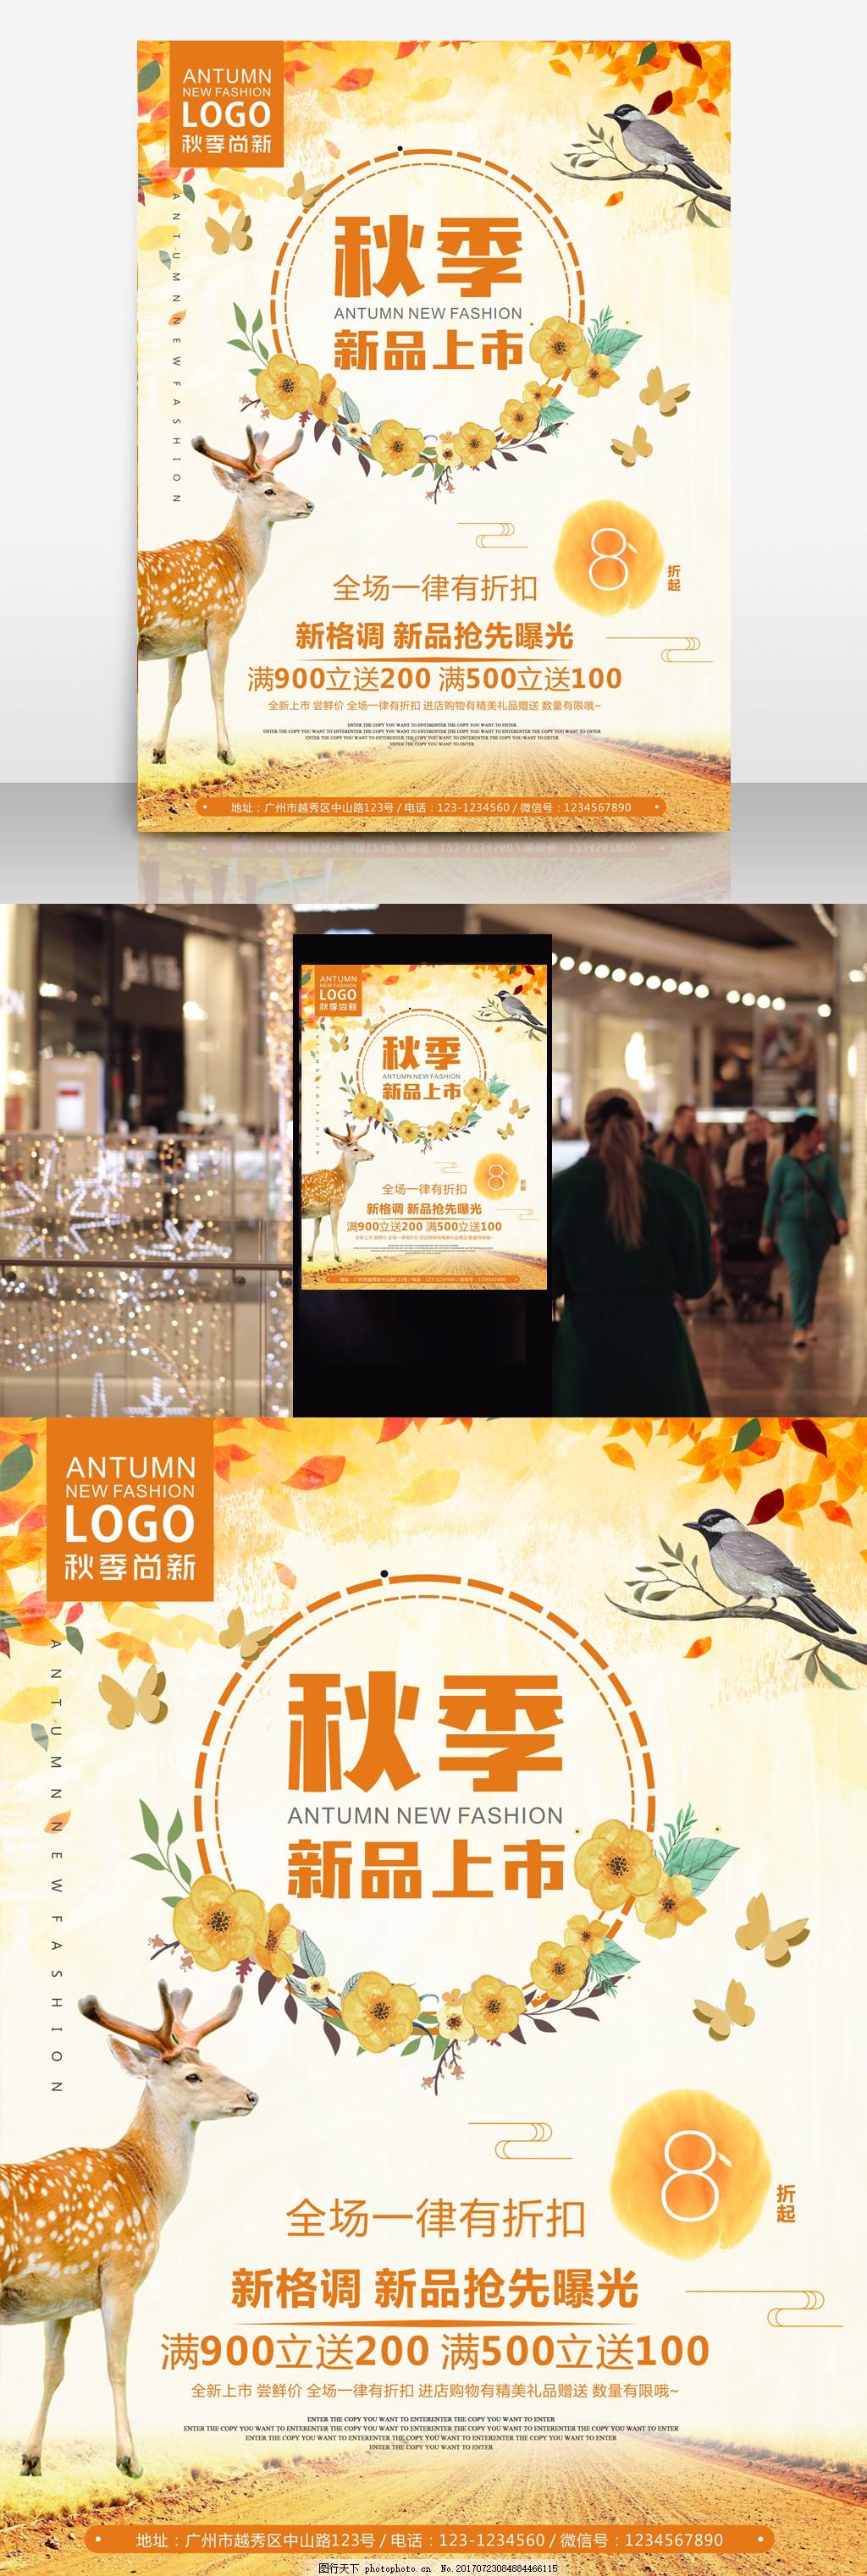 金秋商场促销宣传秋季促销海报 秋季海报 秋天 黄色 枫叶 花 鹿